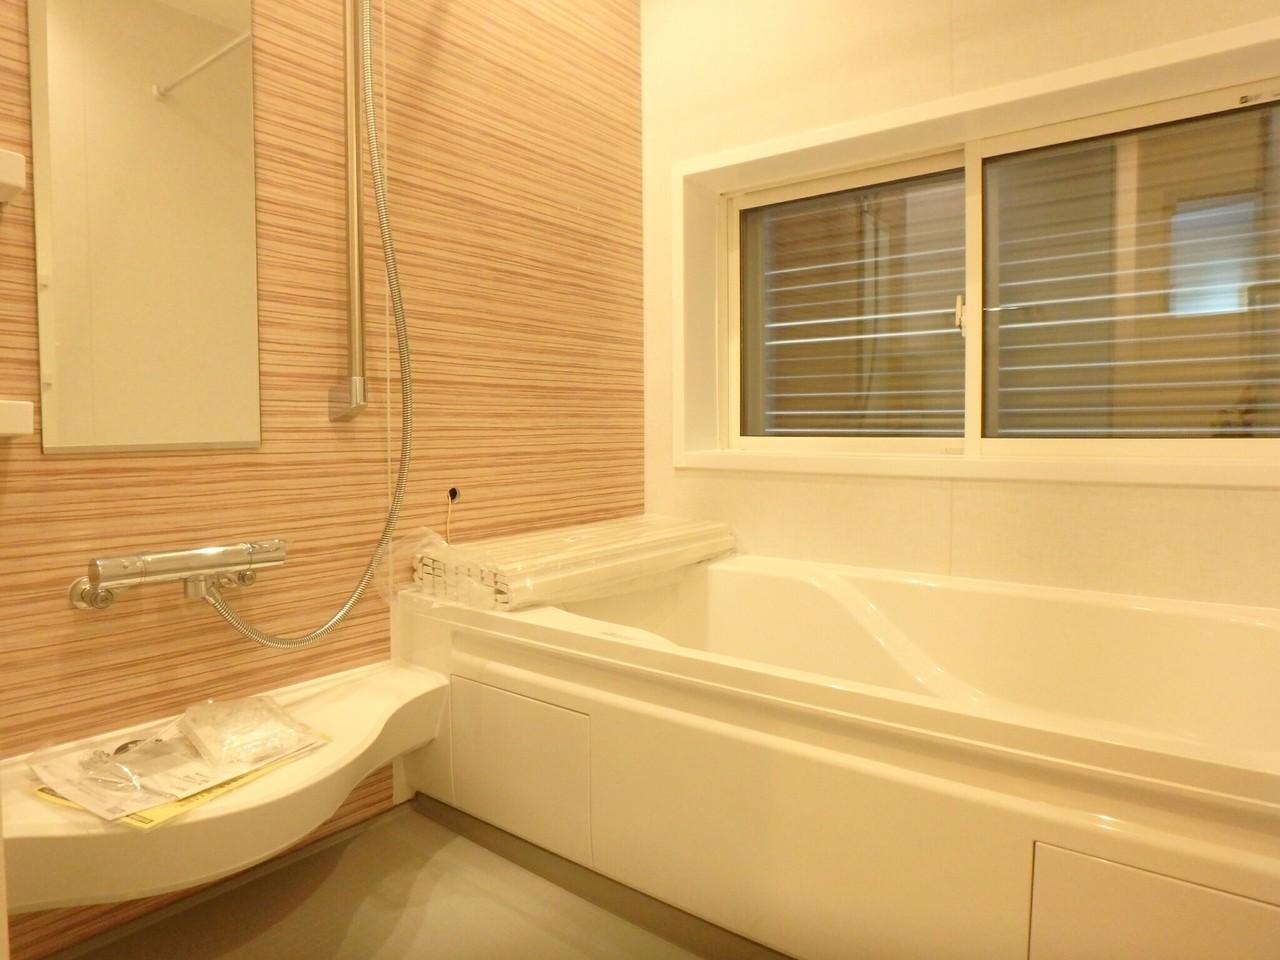 木目をいかした浴室の壁が広々とした浴室をさらにくつろげる空間を演出していますね♪ 大きめサイズの浴槽でご家族で1日の疲れを癒しましょう♪